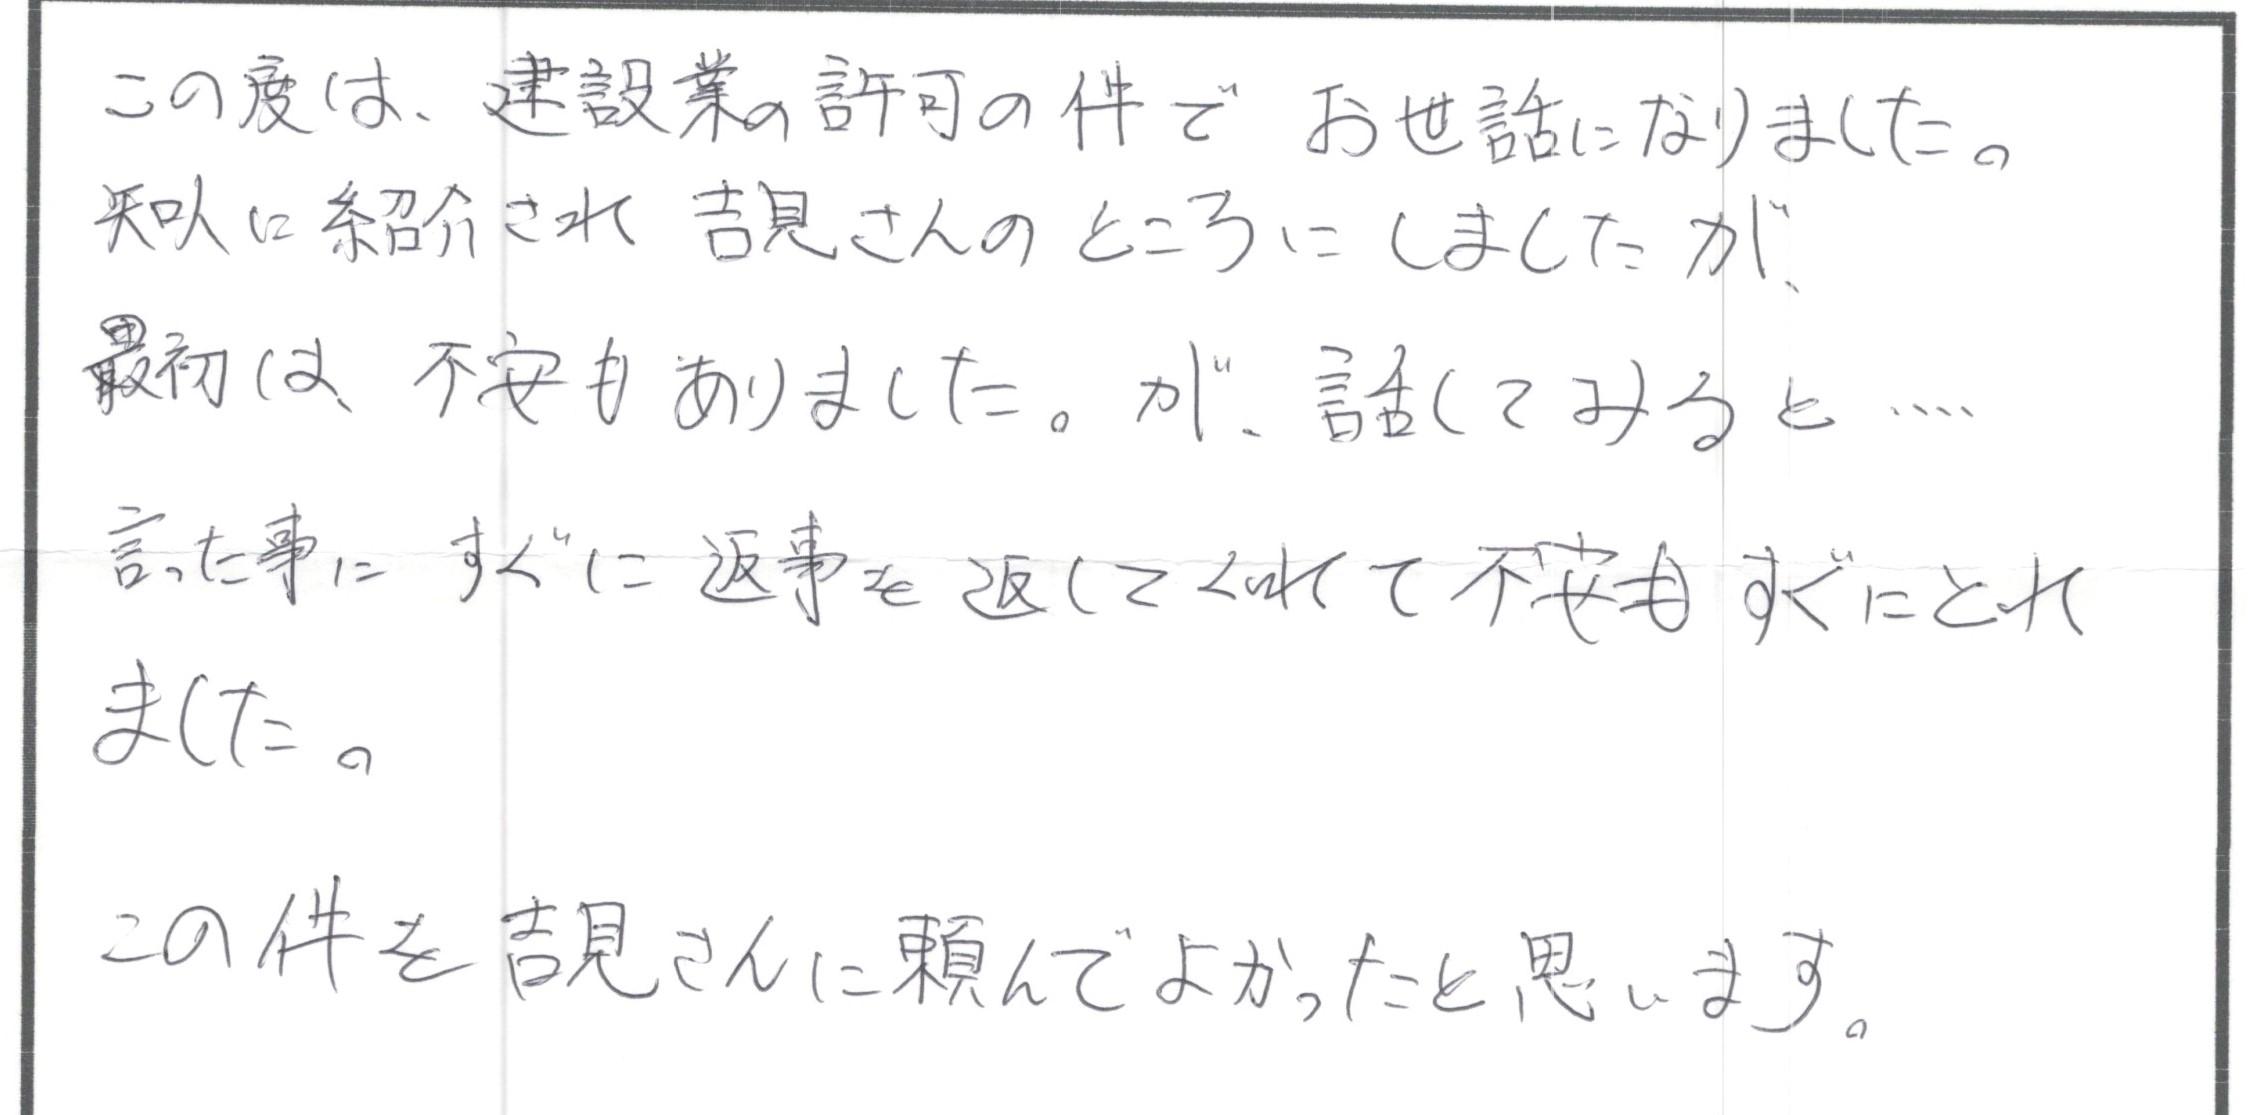 声22(仲丸鉄筋工業)HP用